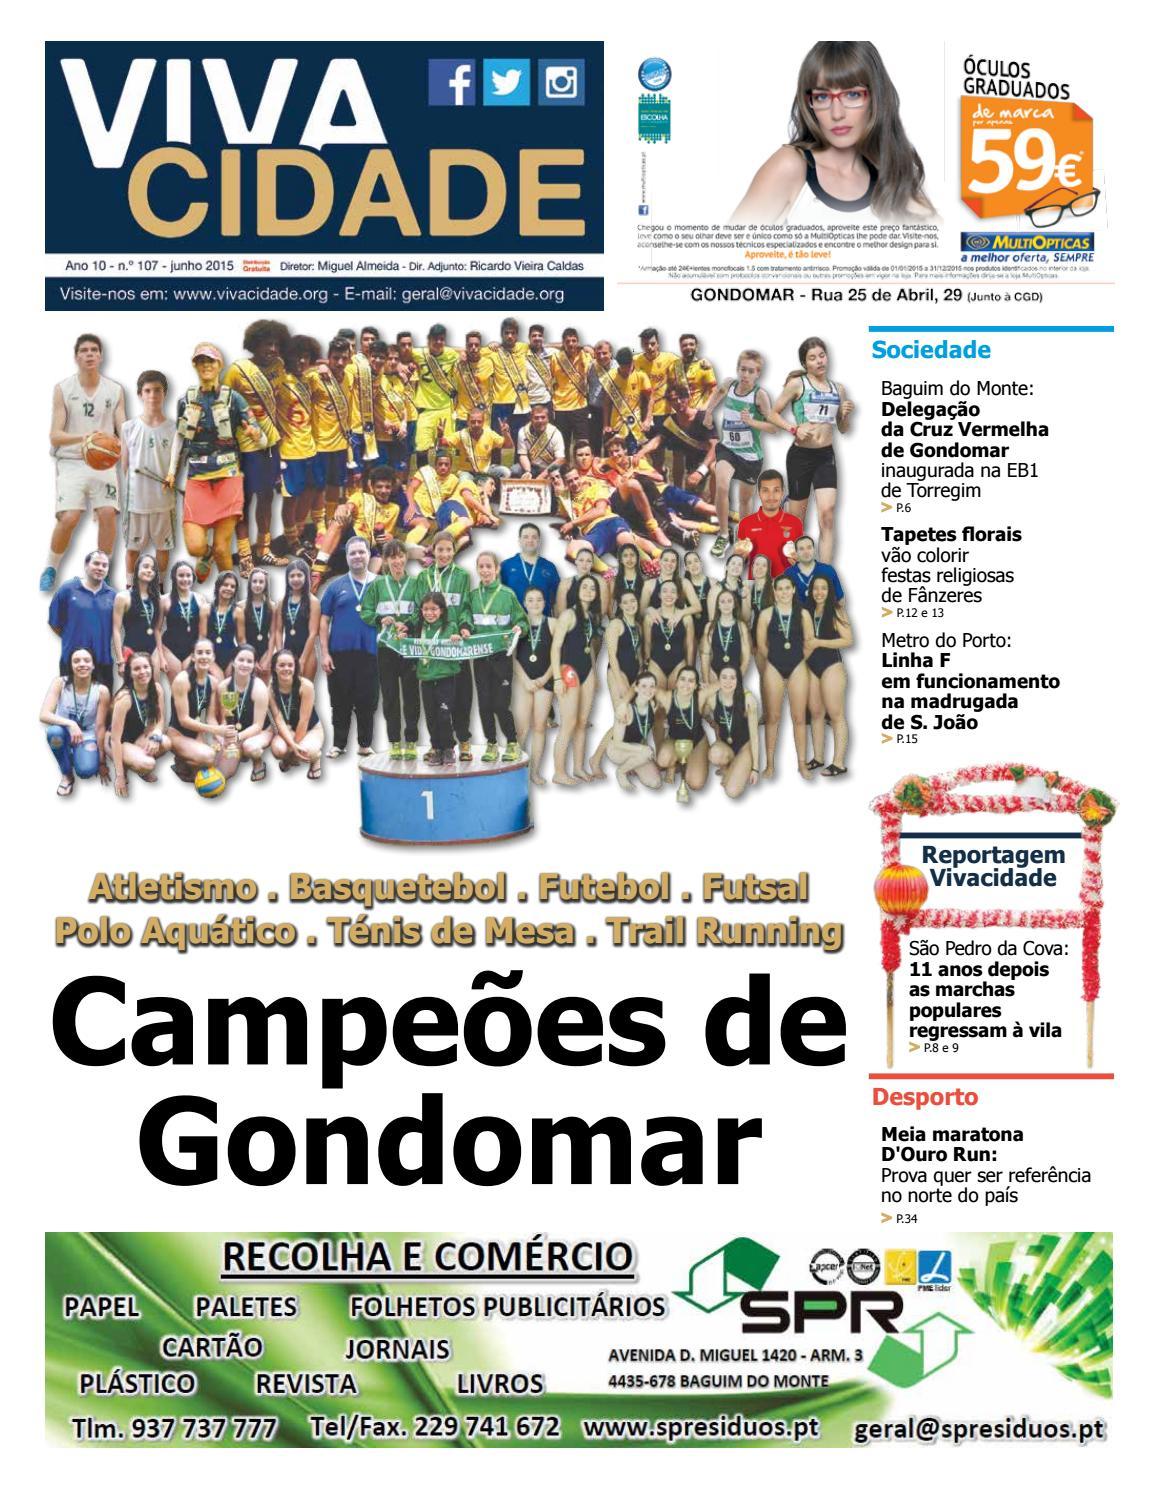 2fd625d22c2c1 Vivacidade edição 107 by Pedro Santos Ferreira - issuu